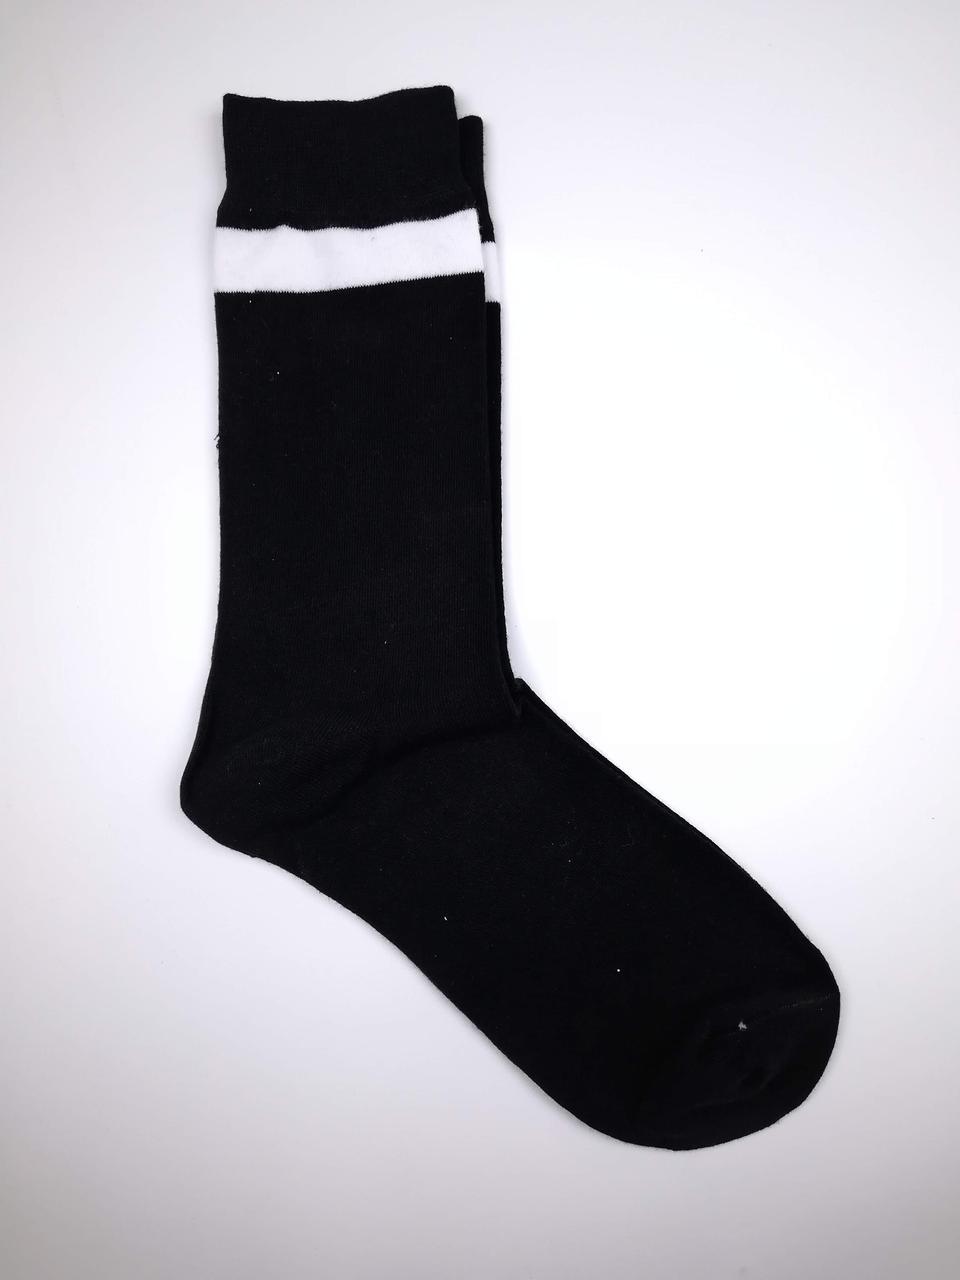 Чоловічі шкарпетки з принтом Горизонтальна смуга